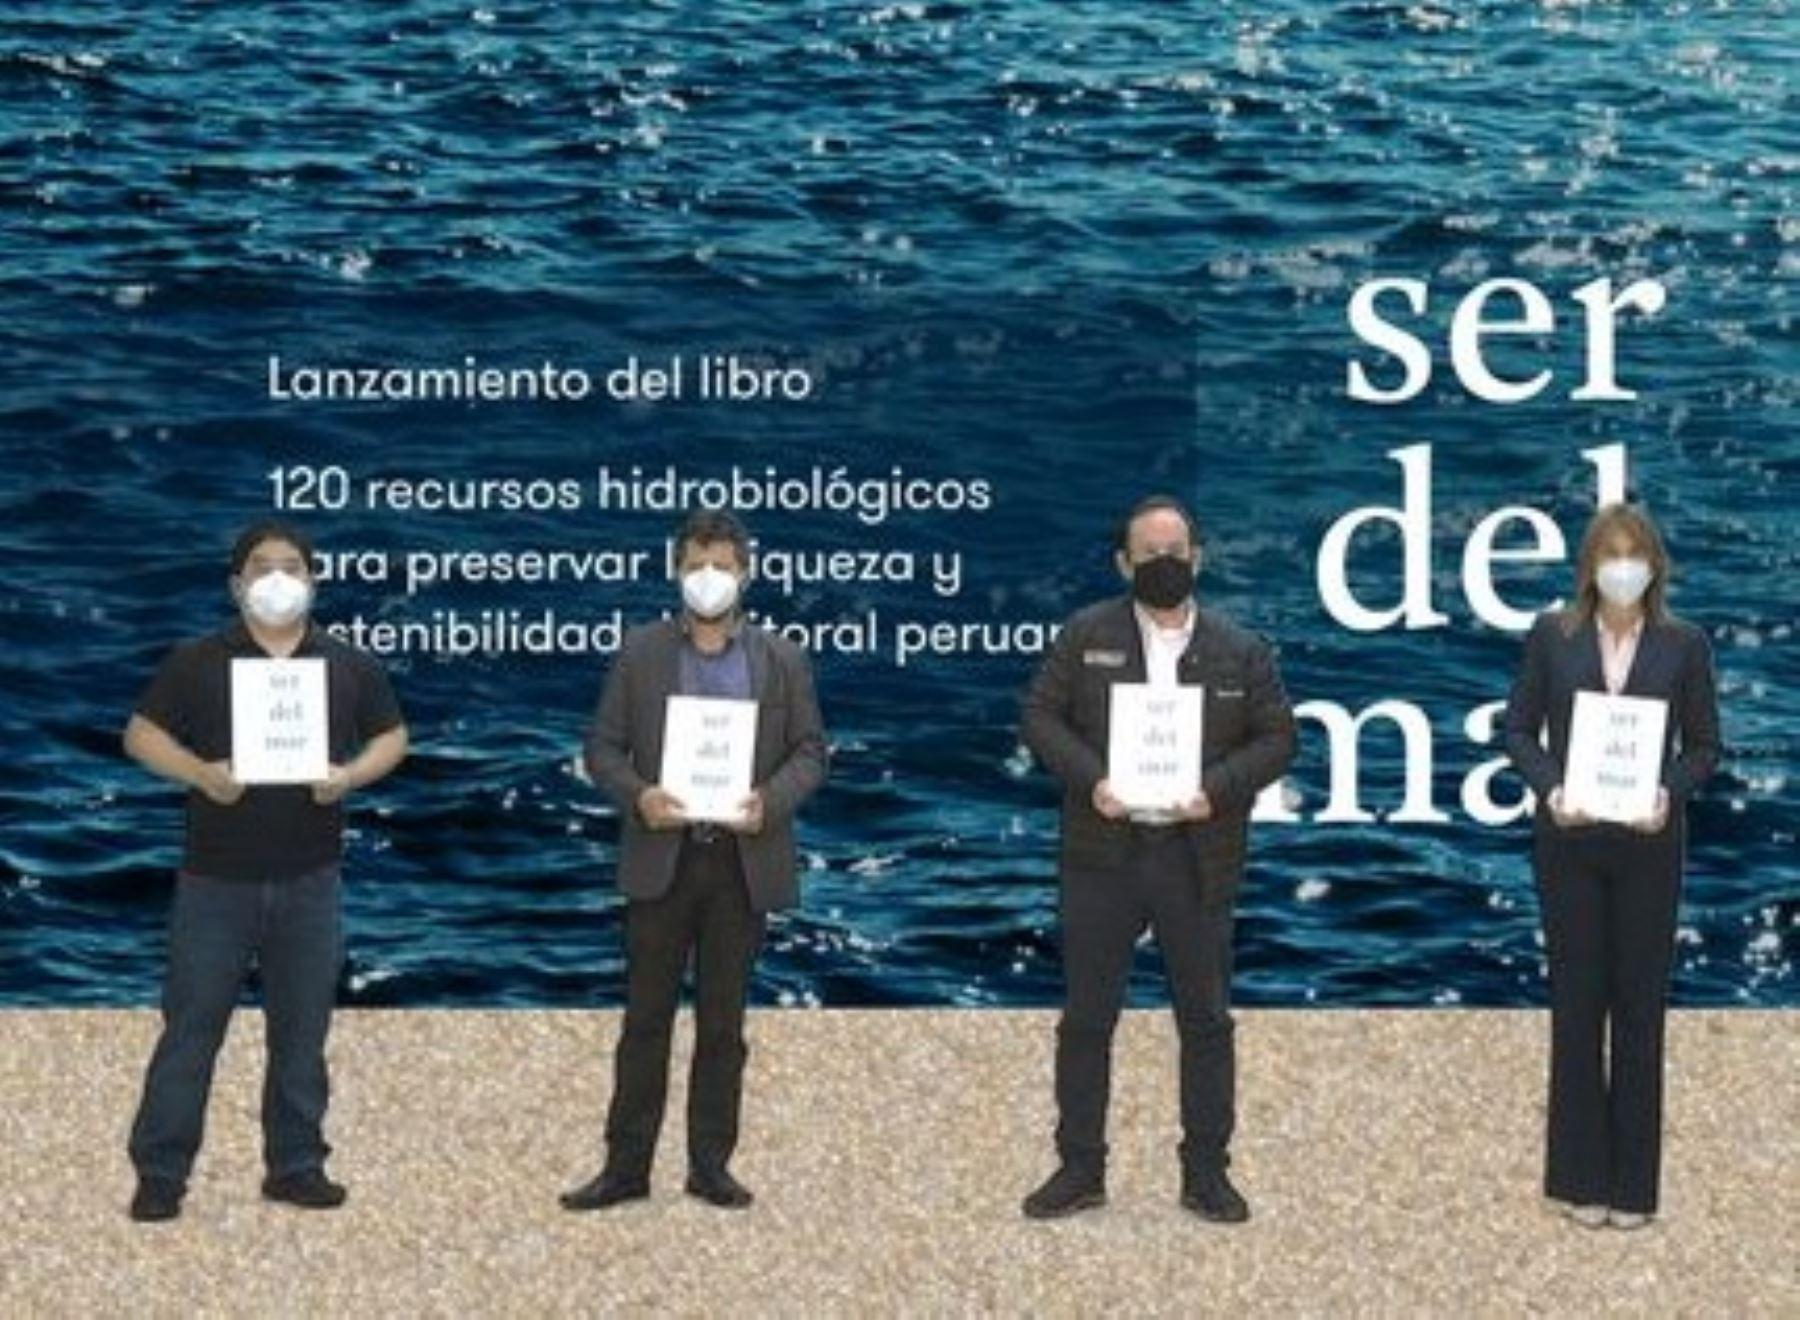 Sociedad Nacional de Pesquería presenta libro sobre riqueza del litoral peruano | Noticias